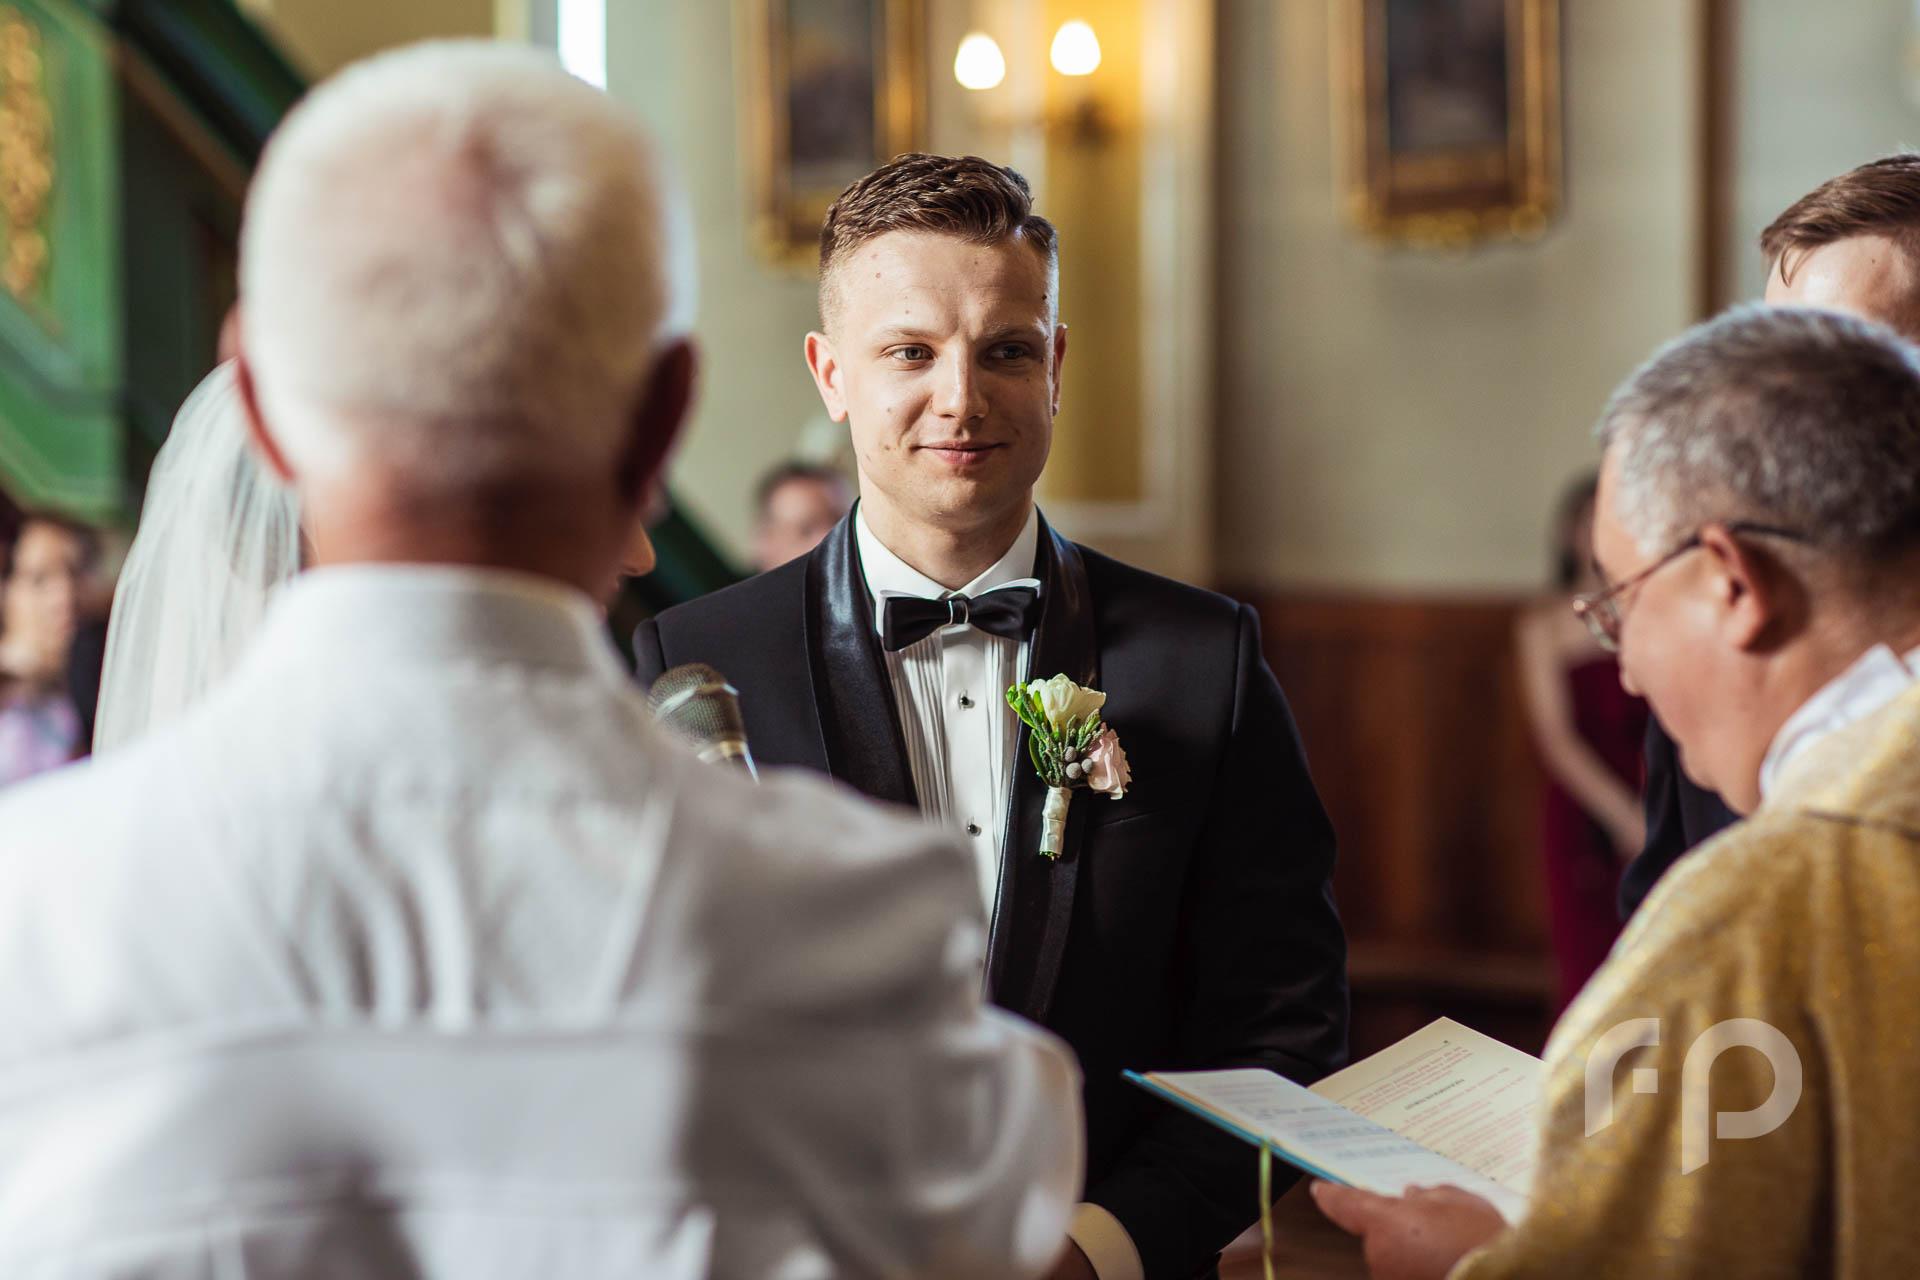 przysięga ślubna i ujęcie Pana Młodego